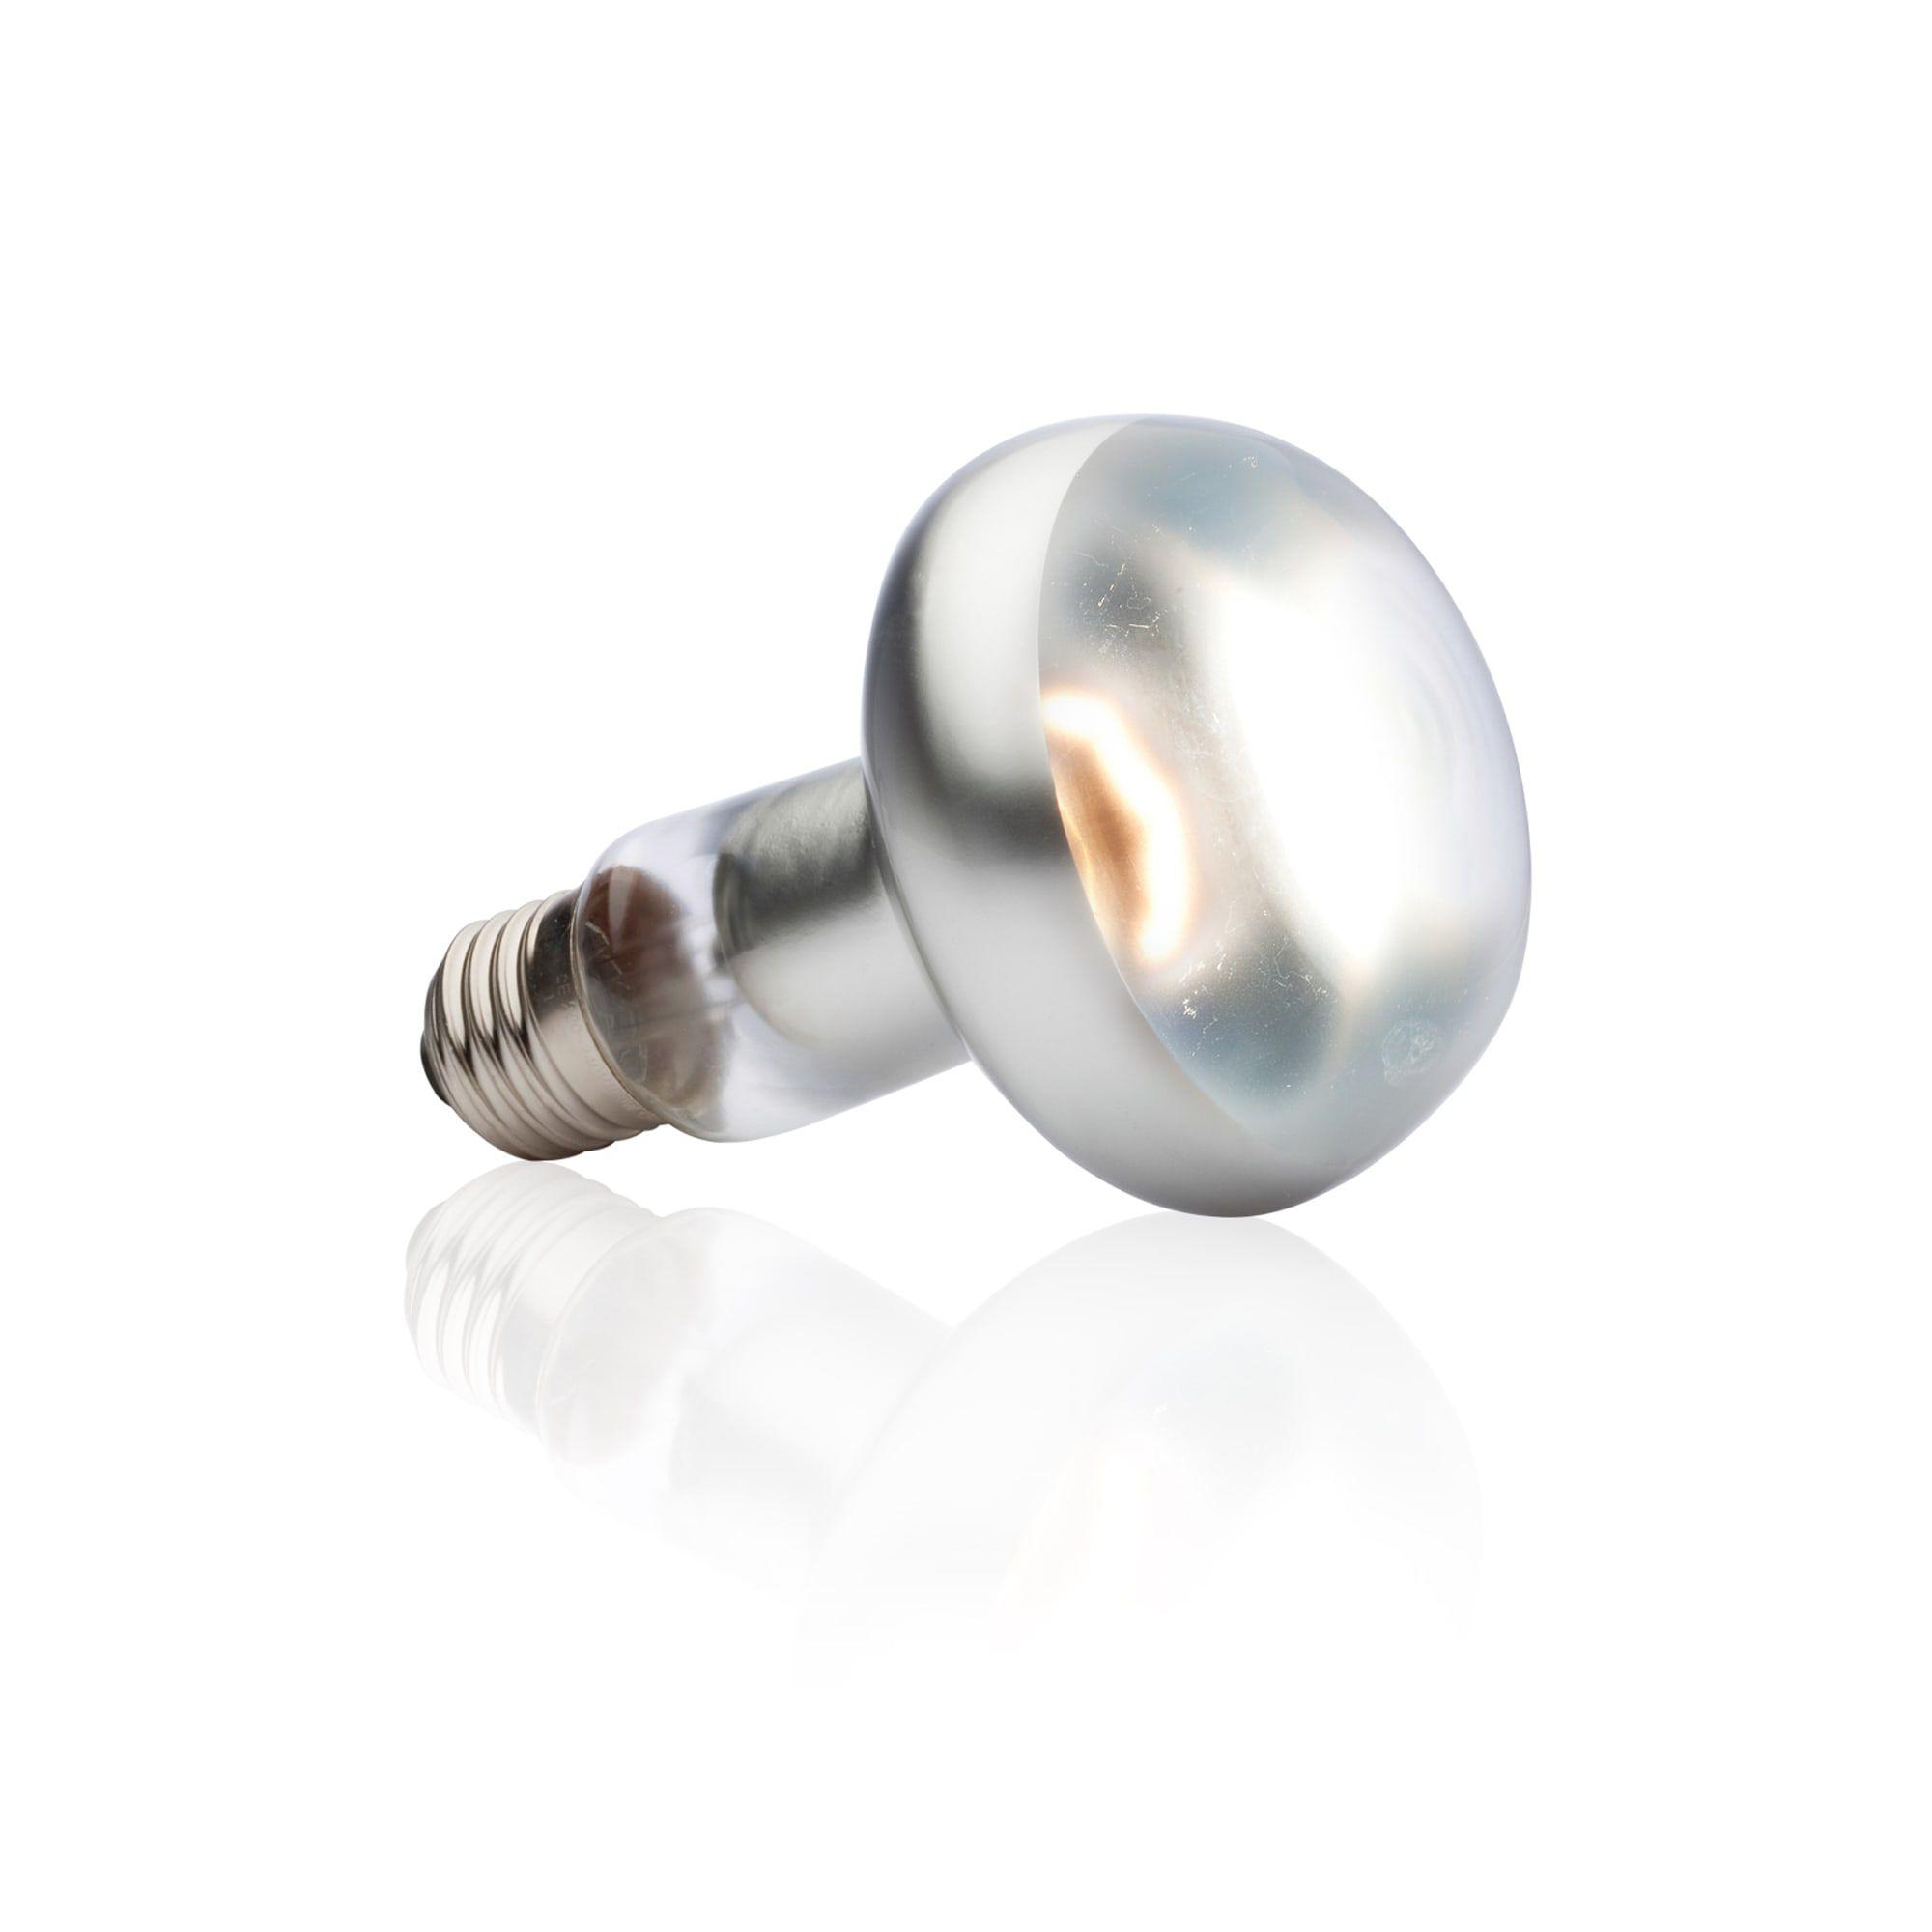 Exo Terra Intense Basking Spot Lamp 100w In 2020 Ultra Violet Bulb Uva Rays